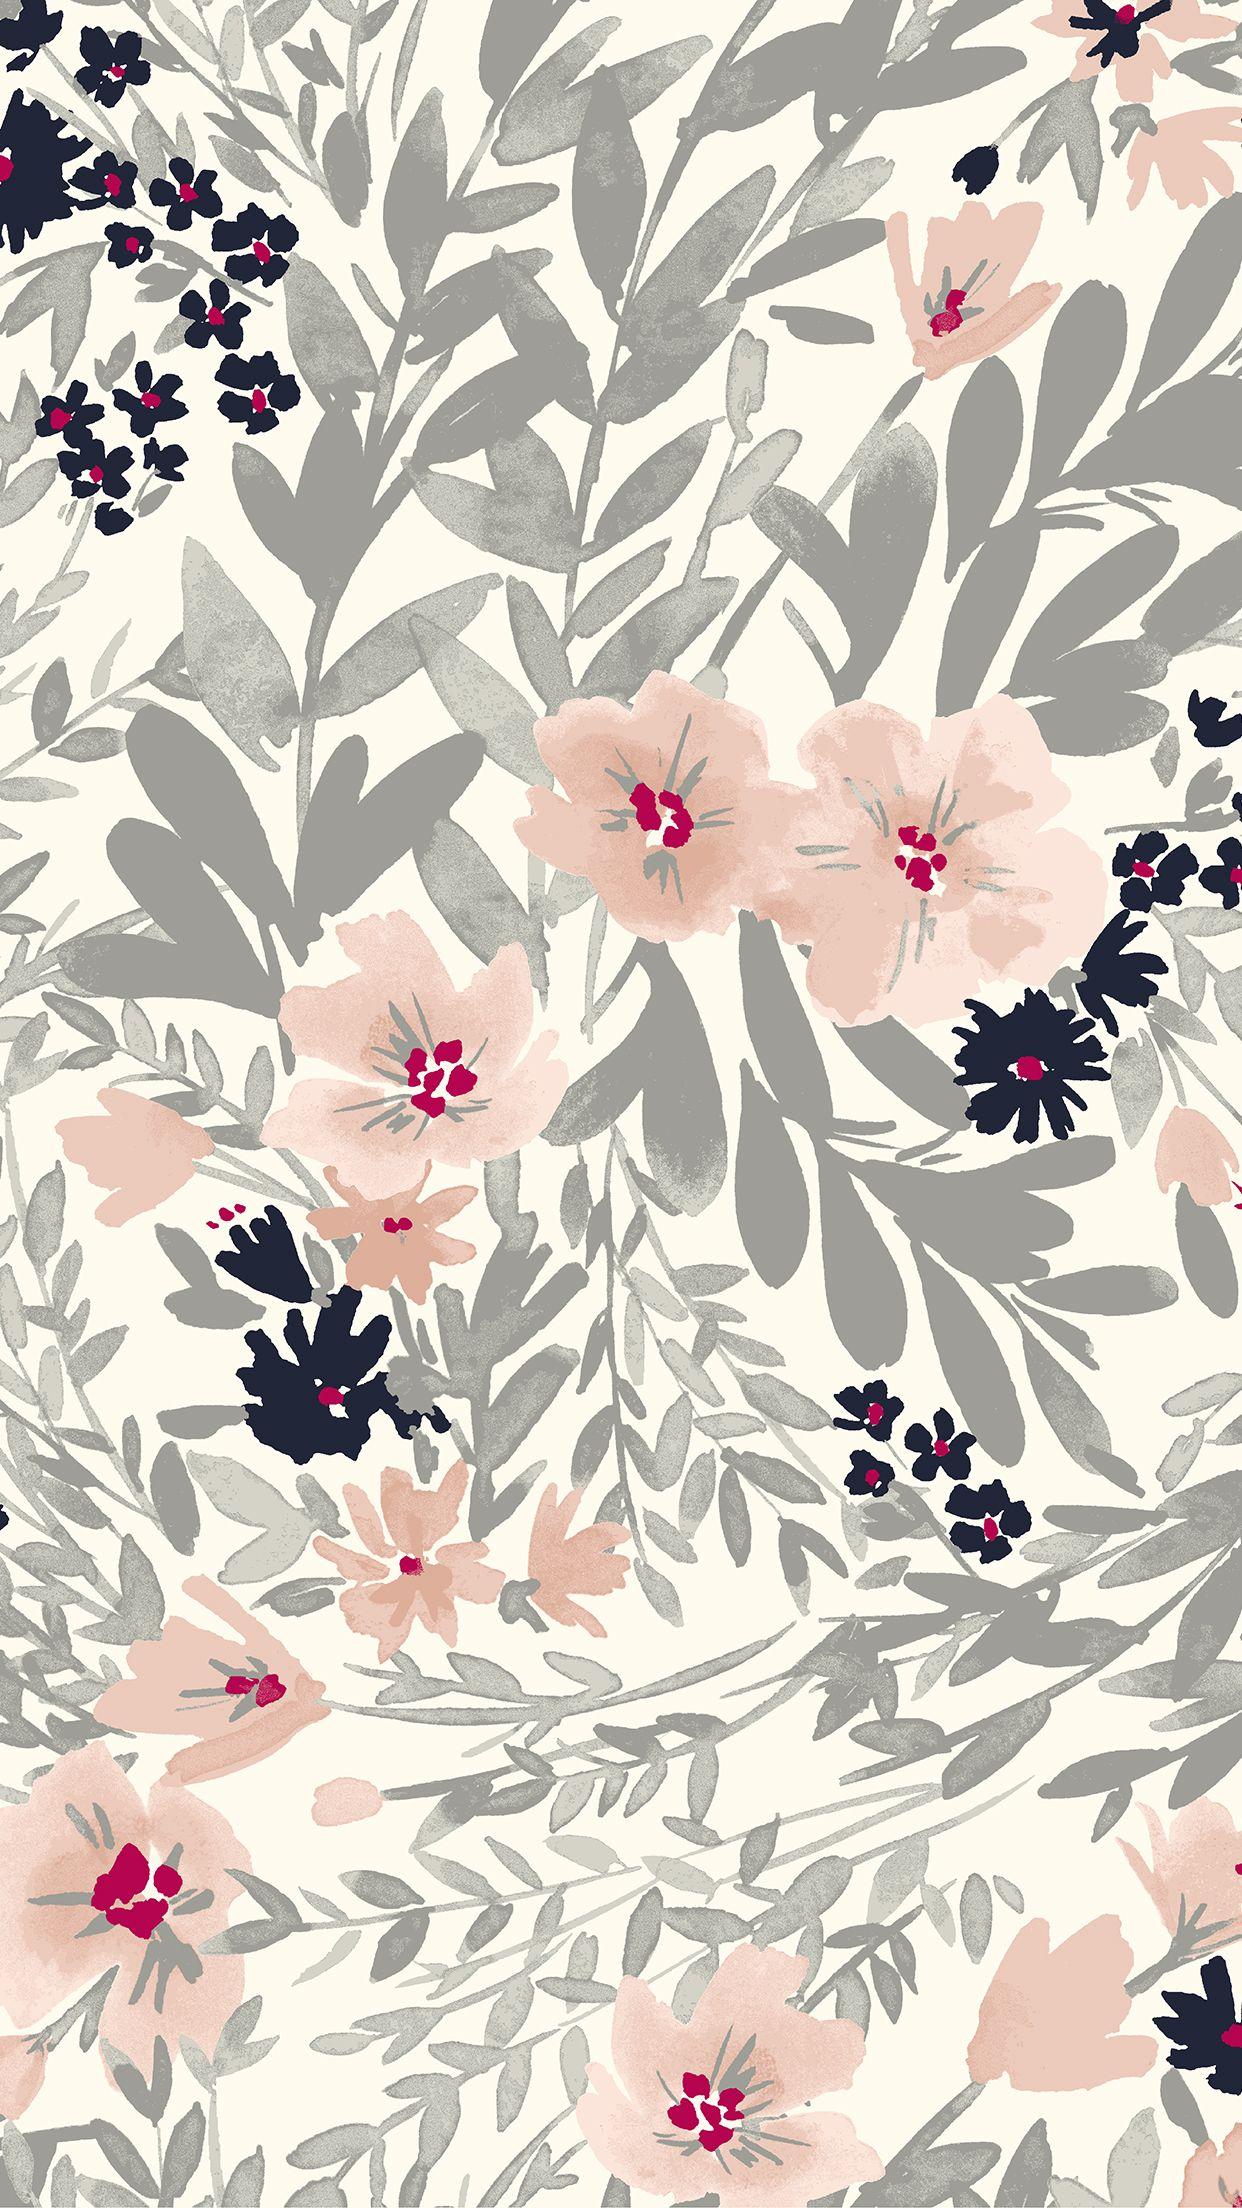 Cellphone Wallpaper Pattern Wallpaper Floral Wallpaper